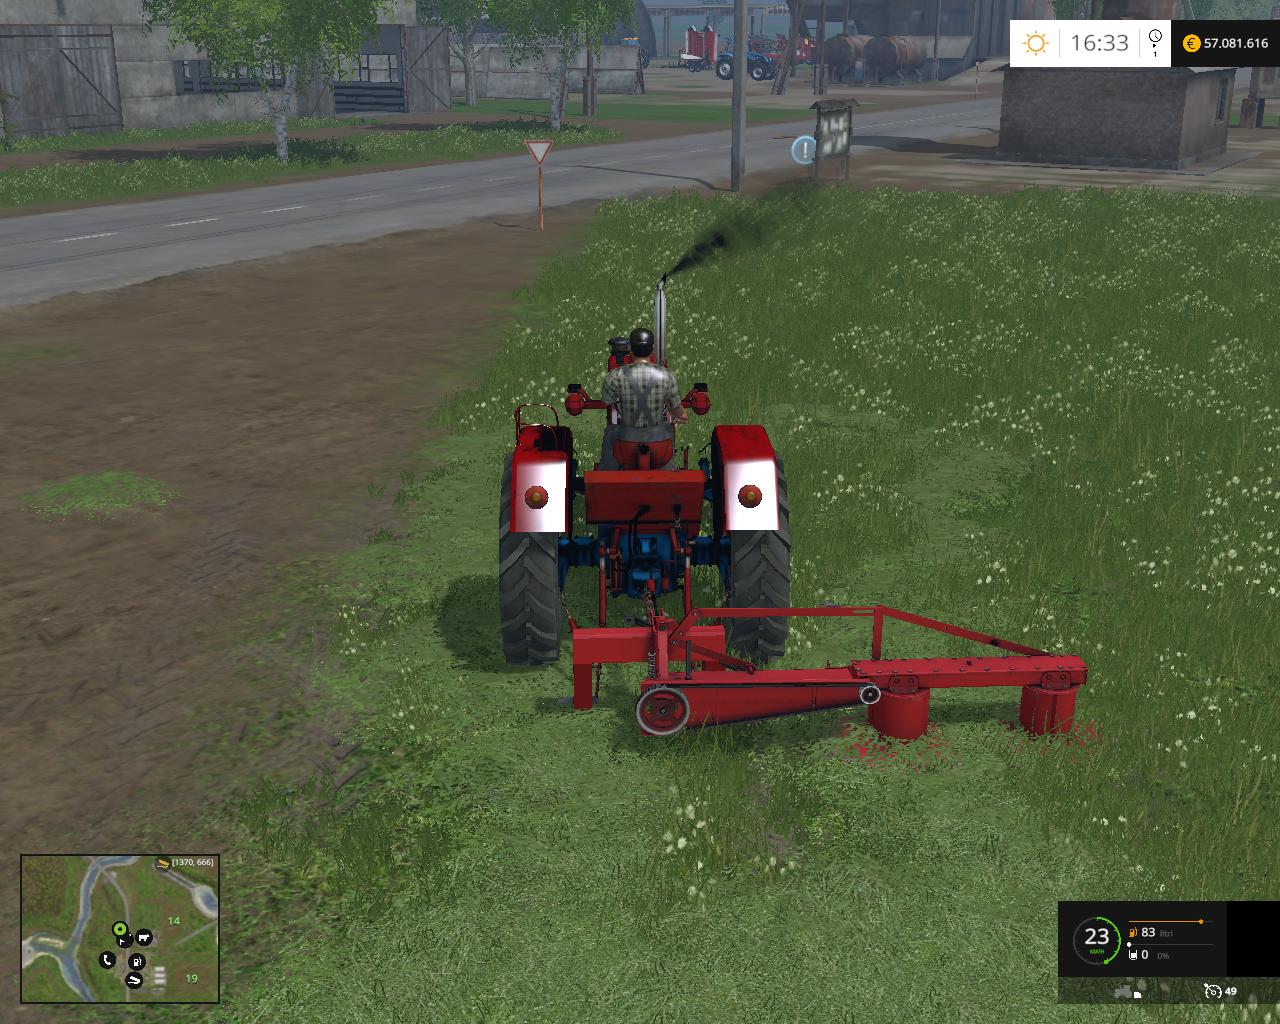 Cutter-Cositoare Rotativa - Farming simulator modification